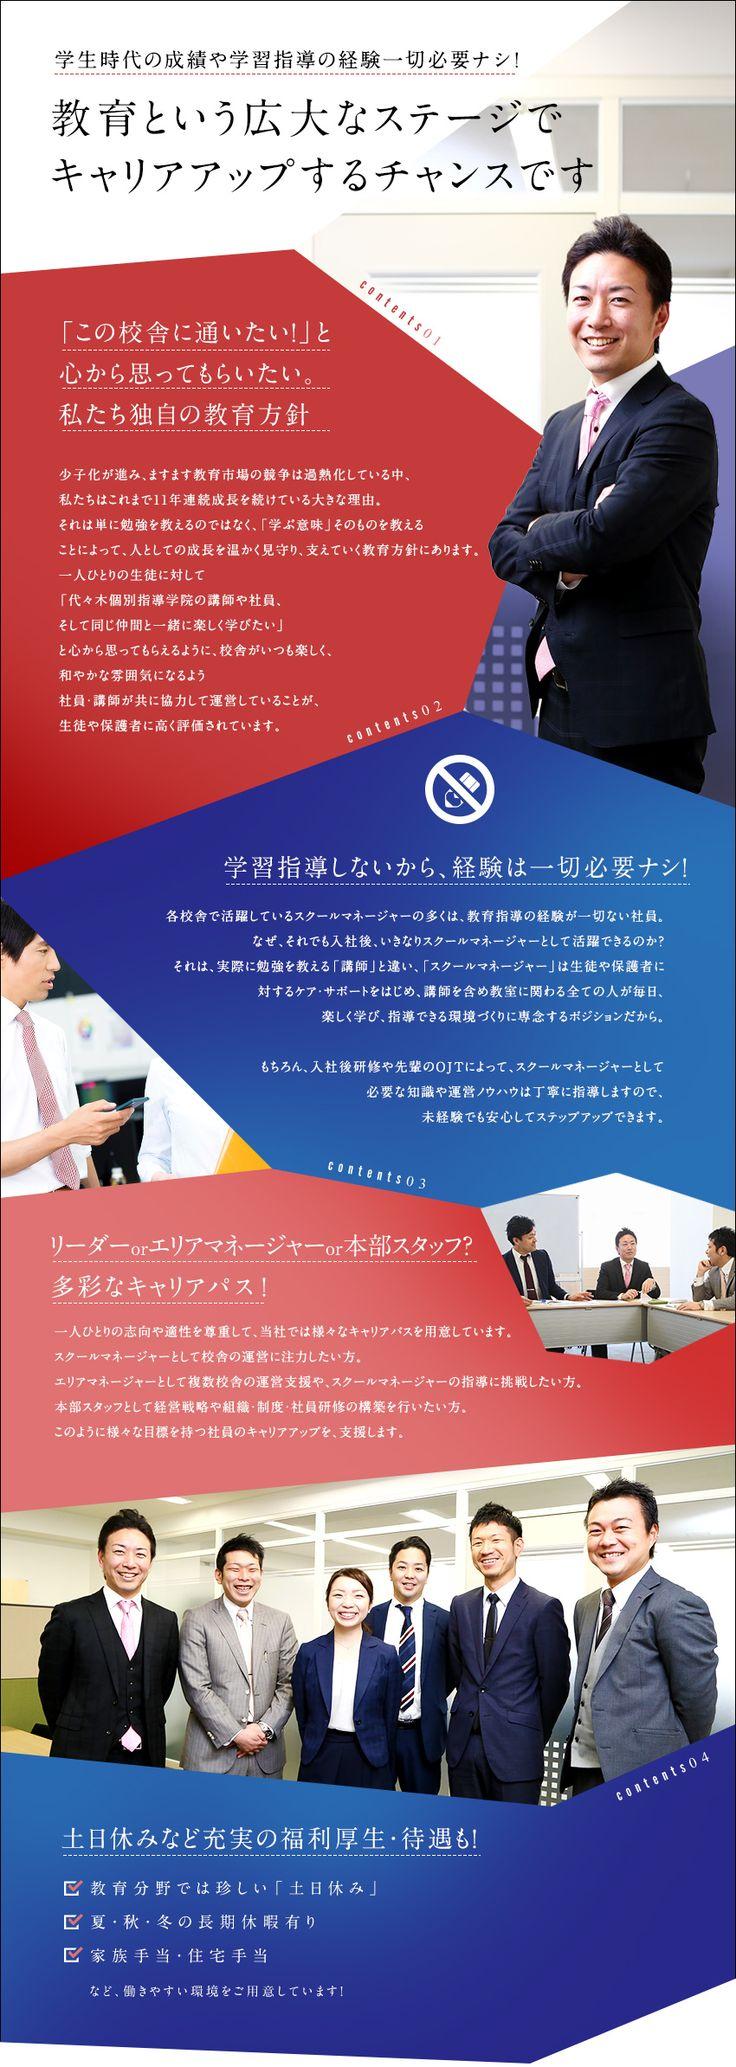 株式会社日本教育協会(代々木個別指導学院)/未経験歓迎のスクールマネージャー/土日休み/生徒・保護者への提案業務もお任せしますの求人PR - 転職ならDODA(デューダ)